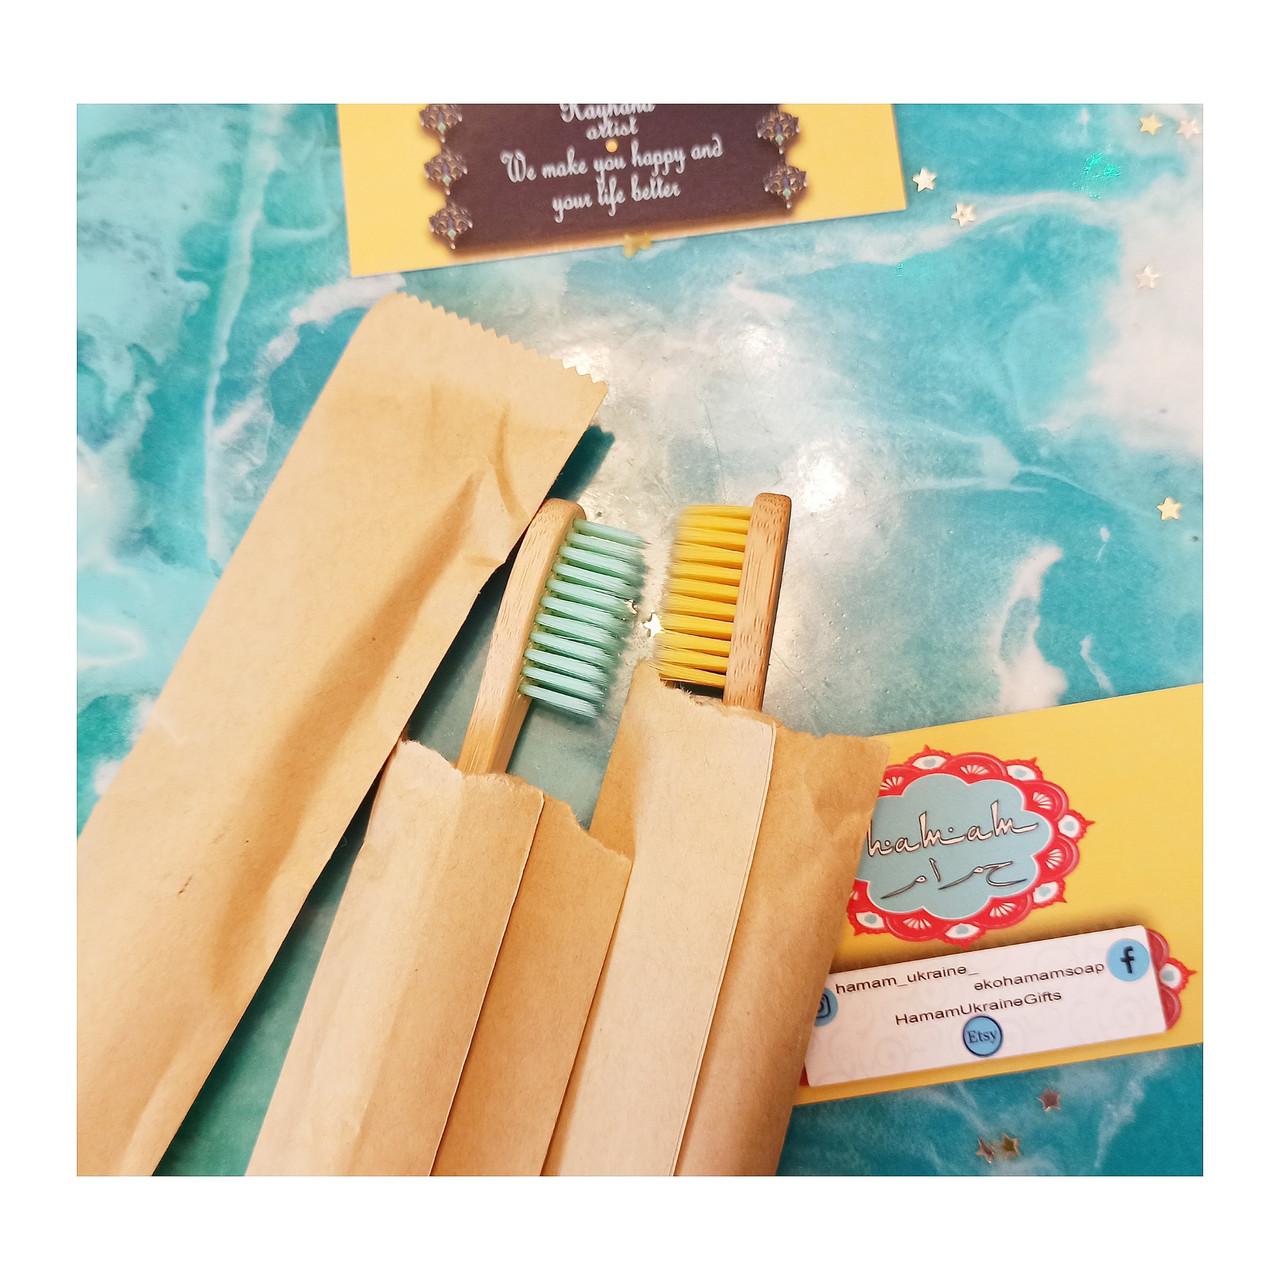 10 шт Бамбукові зубні щітки у паперових пакетах.